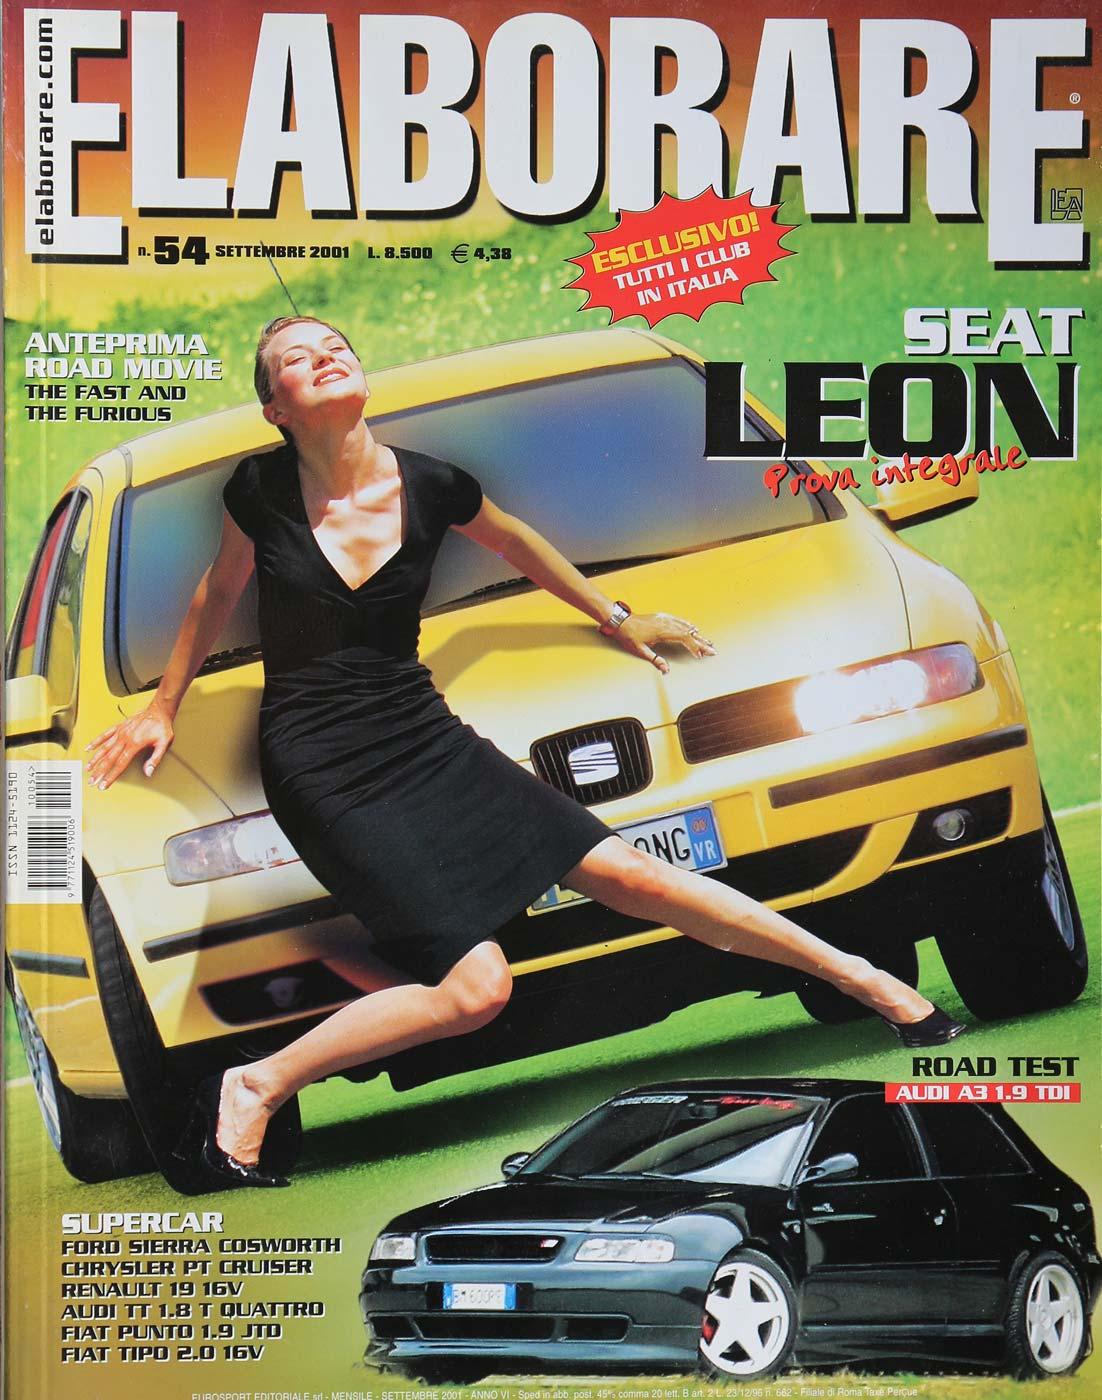 Elaborare n° 54 Settembre 2001